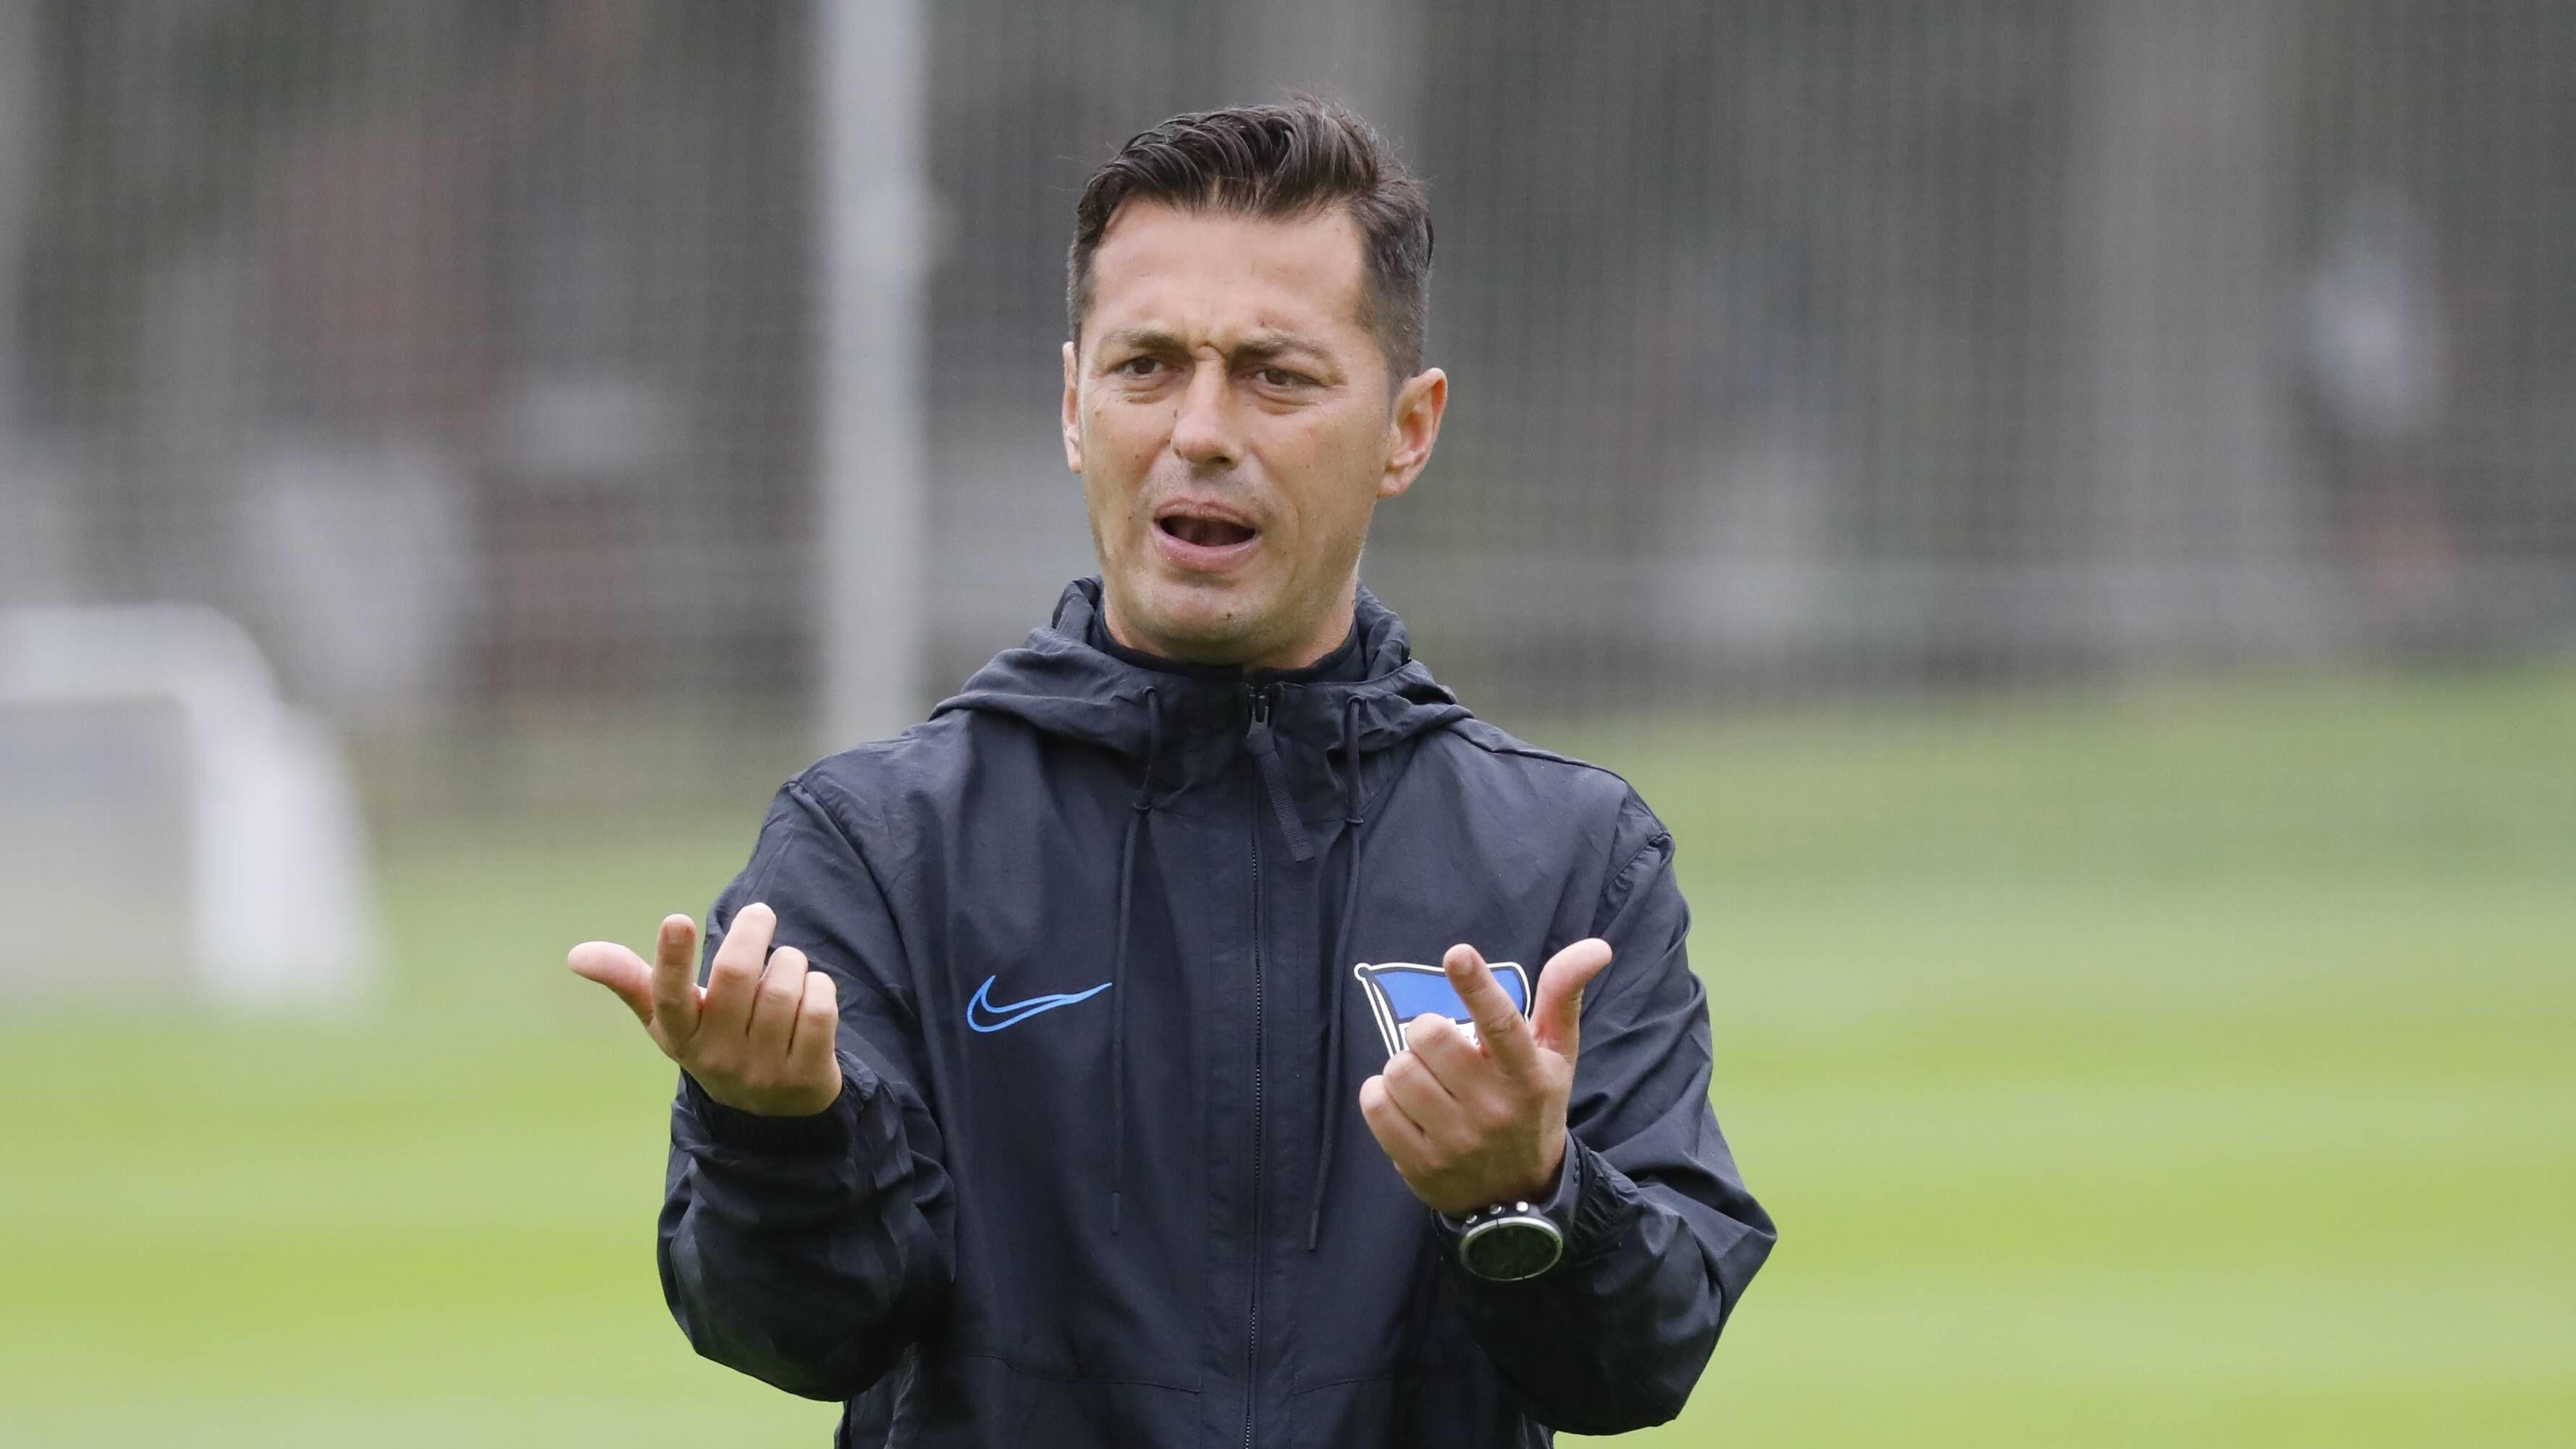 Covic freut sich auf Redan, aber mahnt zur Geduld | Bundesliga - kicker